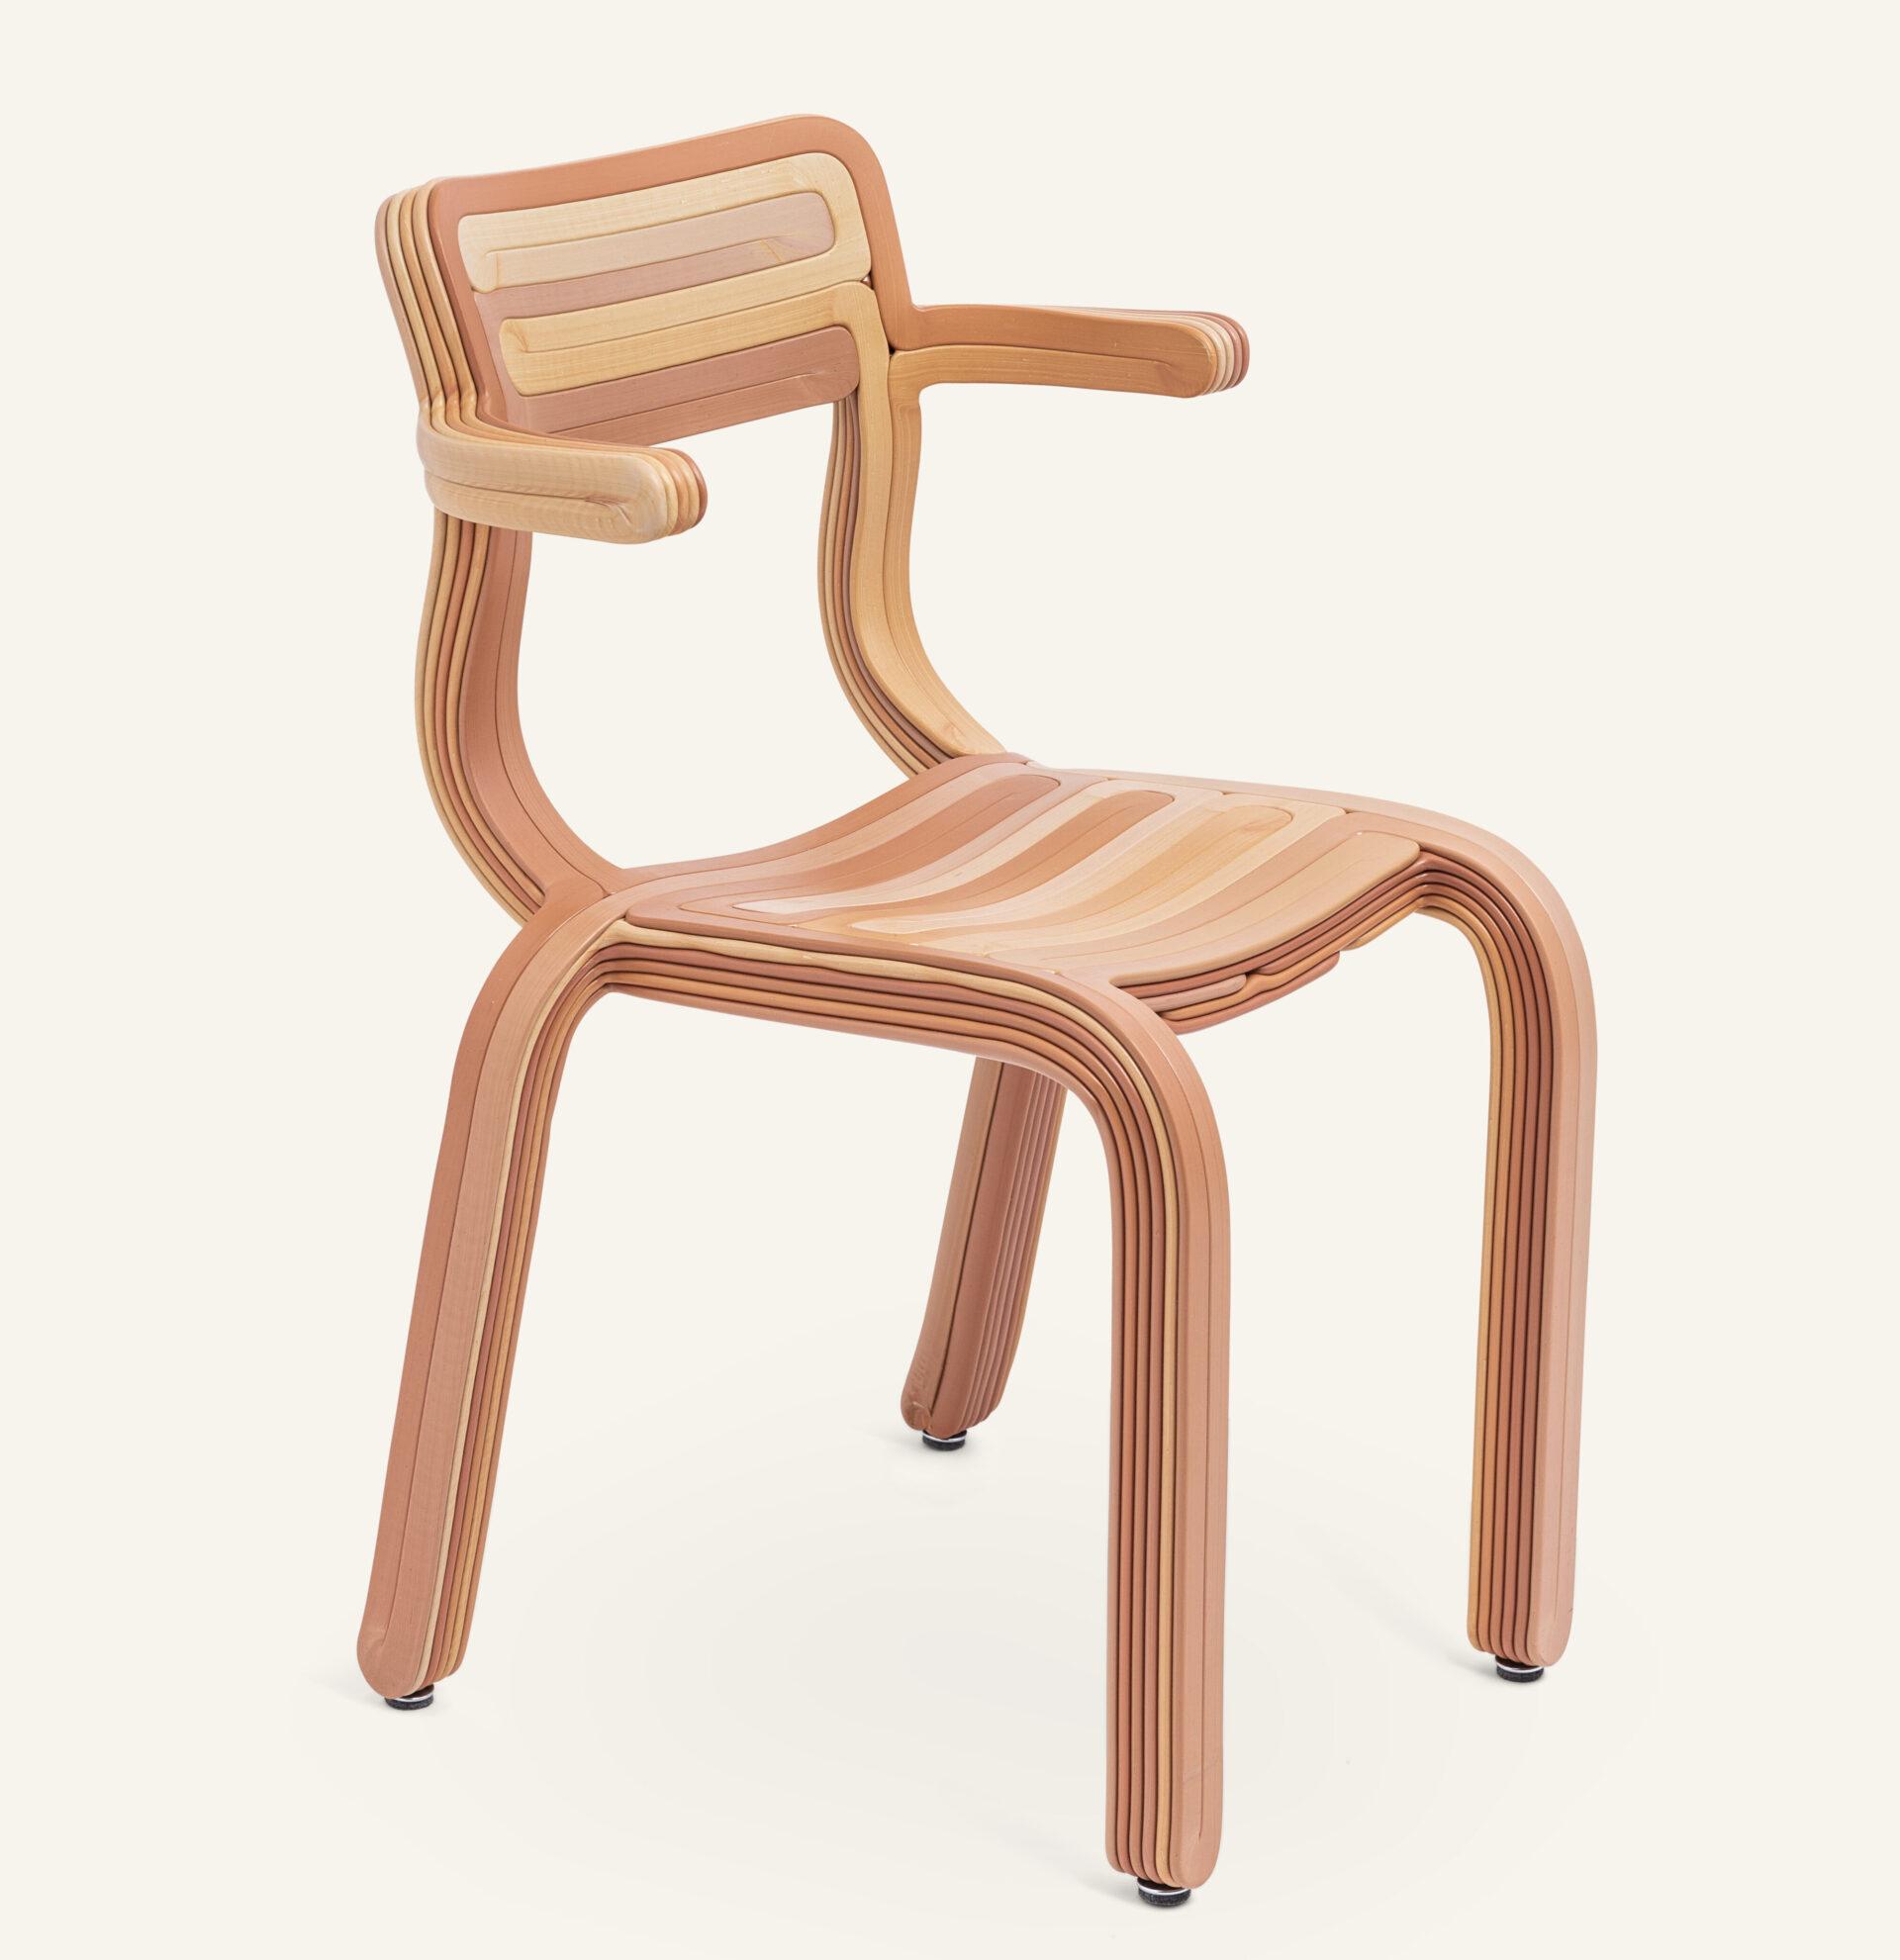 KOOIJ RVR chair Grapefruit designed by Dirk van der Kooij